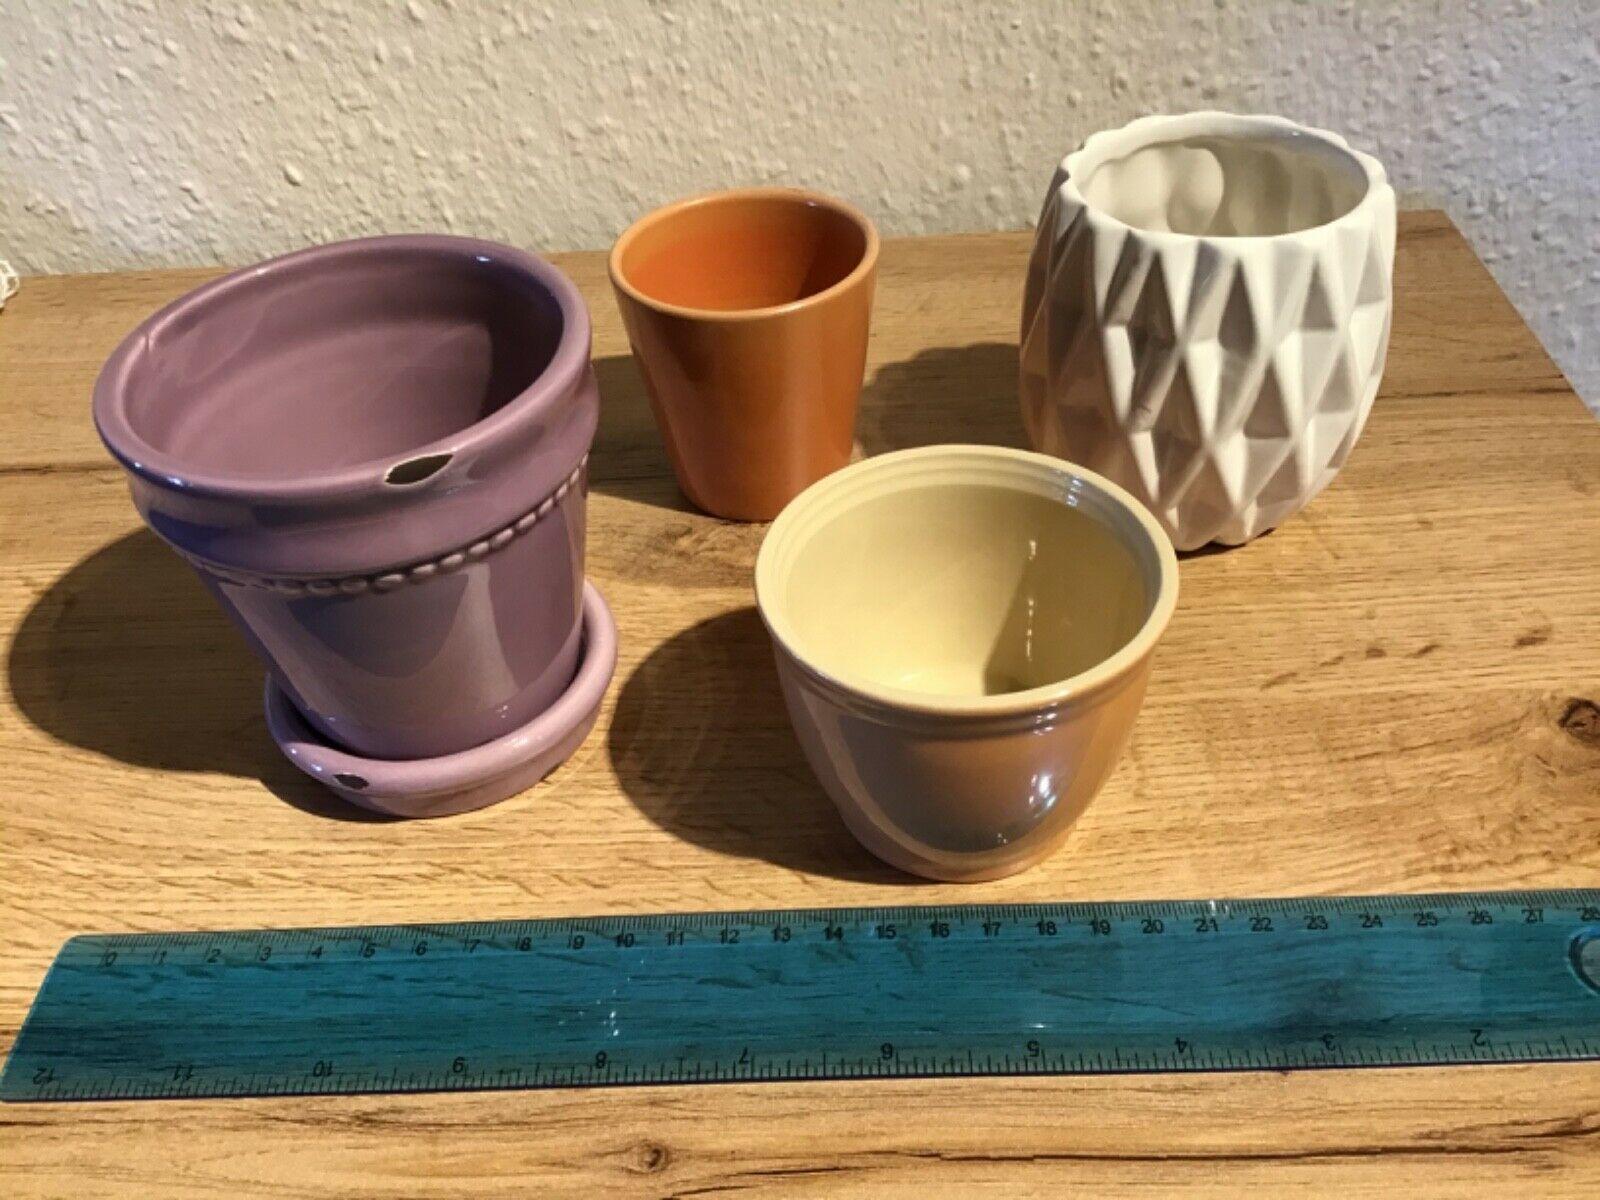 Mein Ebay Verkaufen Übersicht Alte Vasen Ebay Vase Weiß